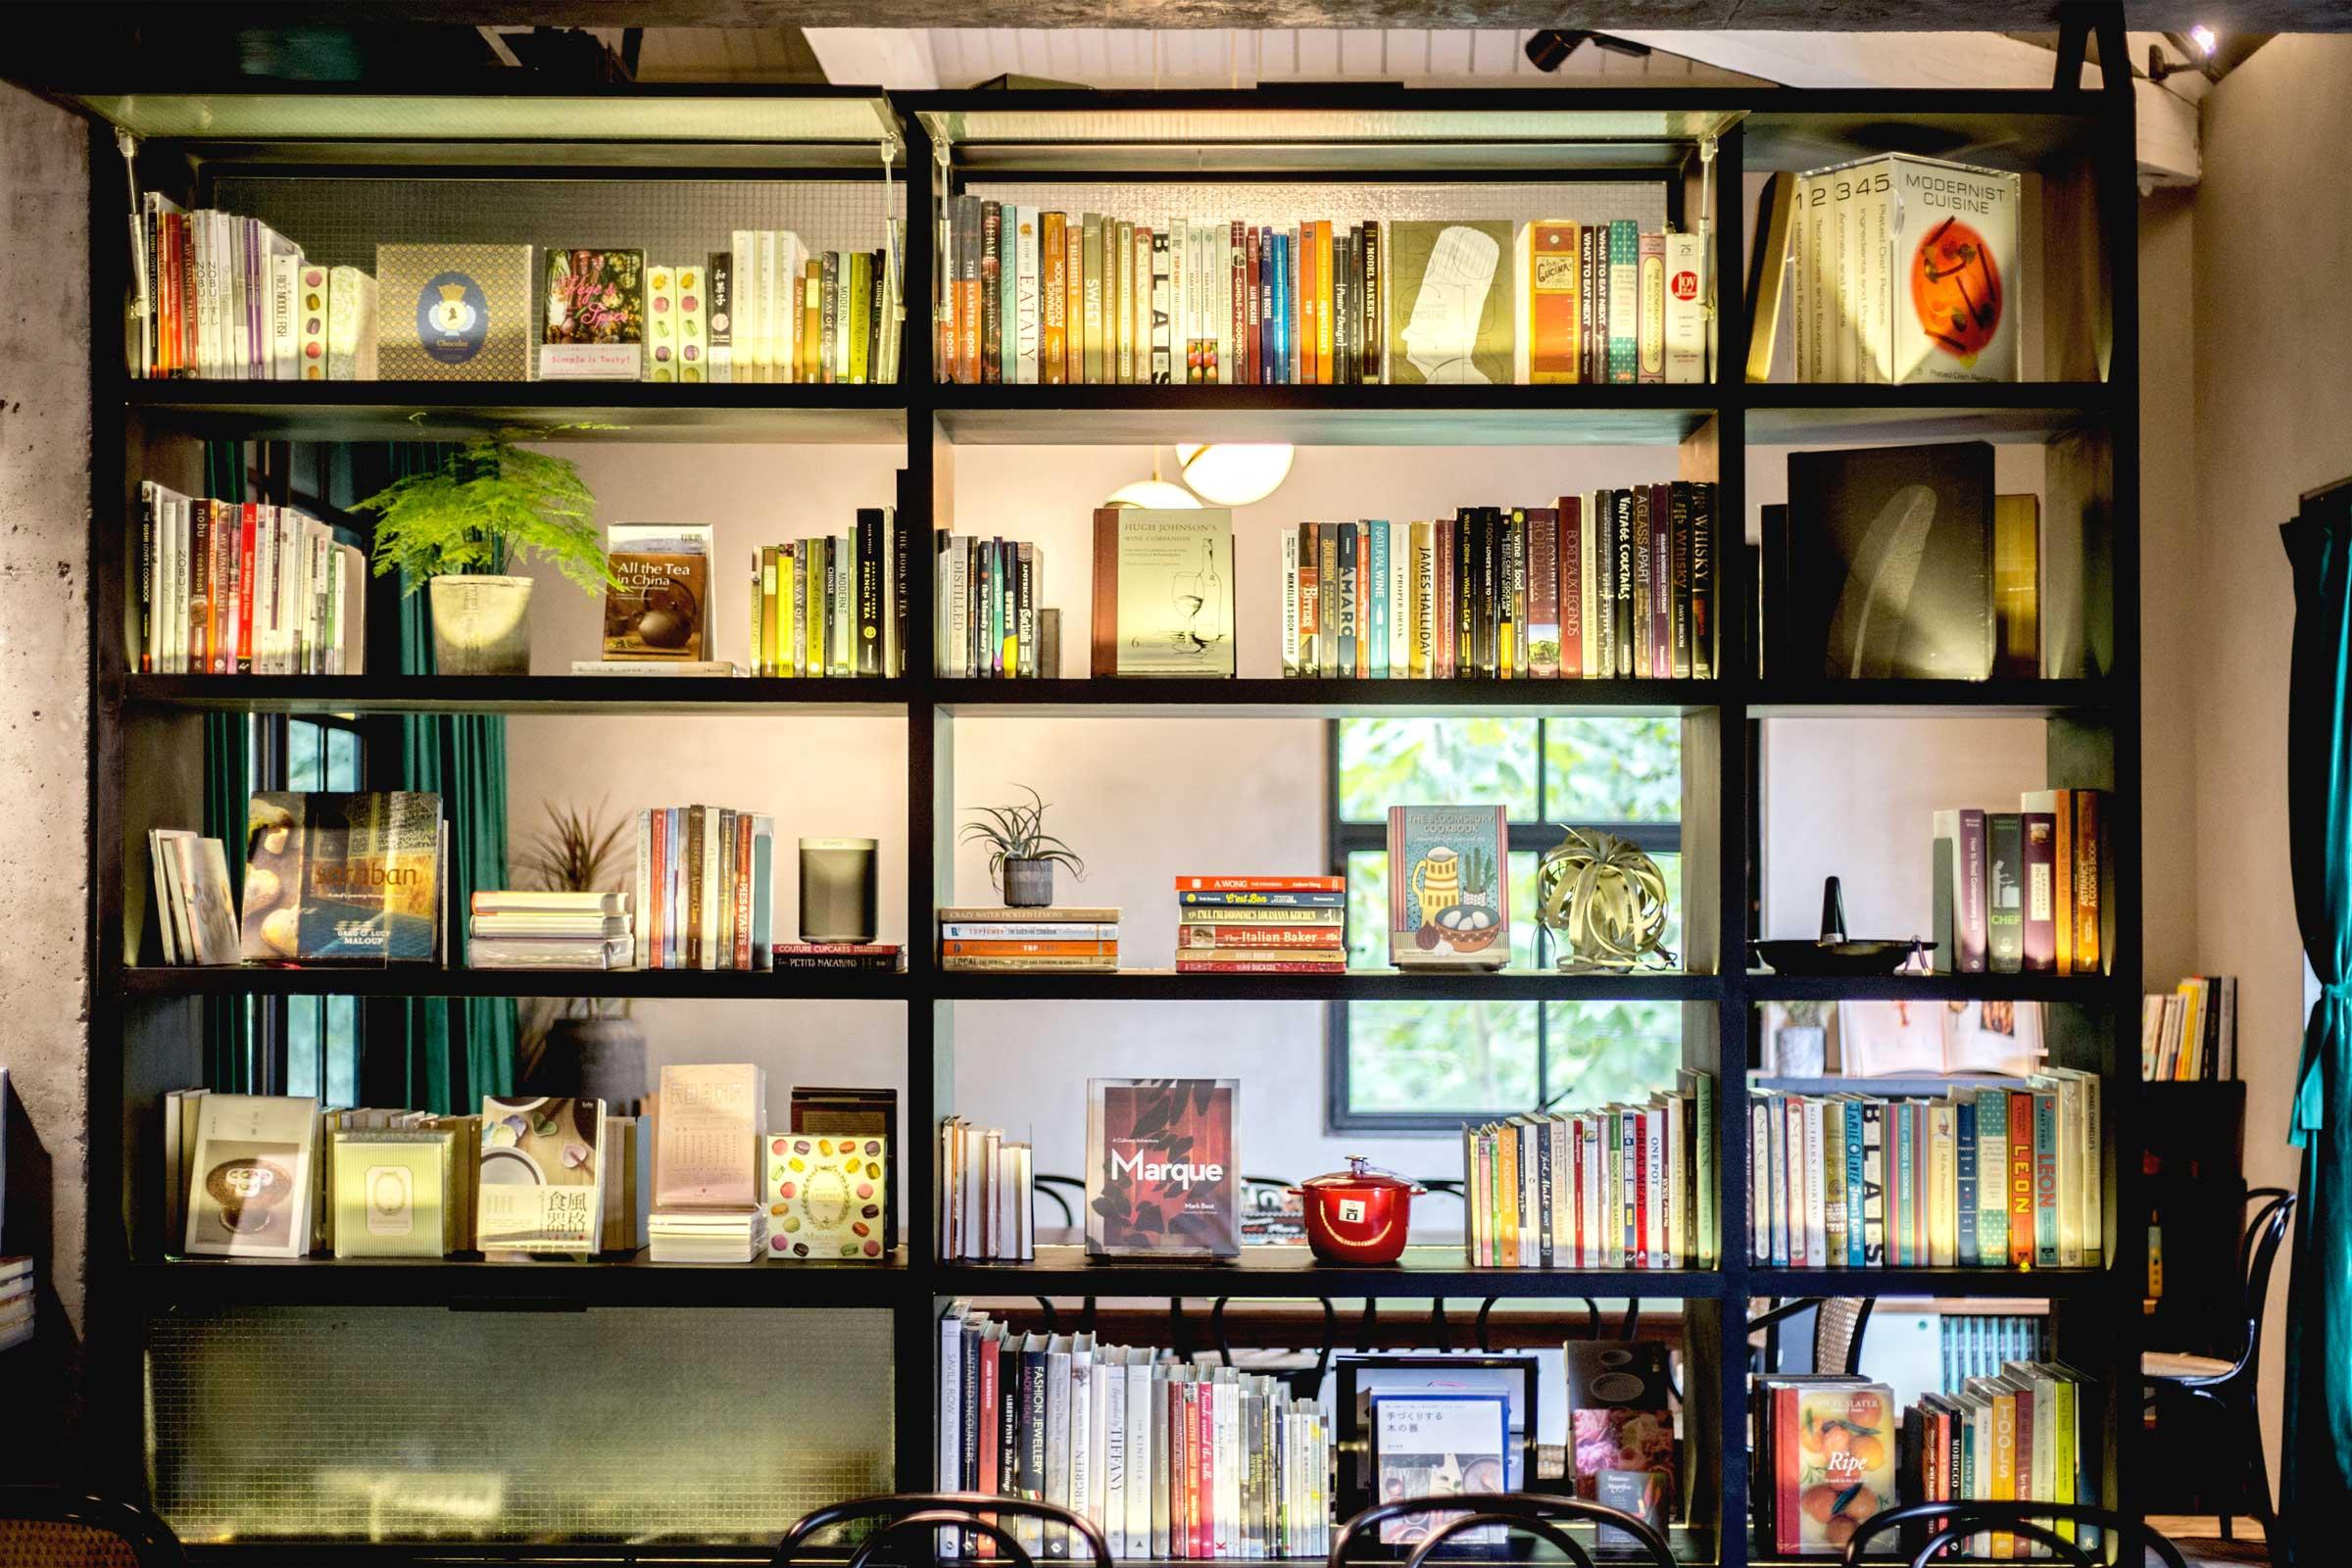 Global cookbooks fill the shelves (Jeremy Smart for  Aerostorie )